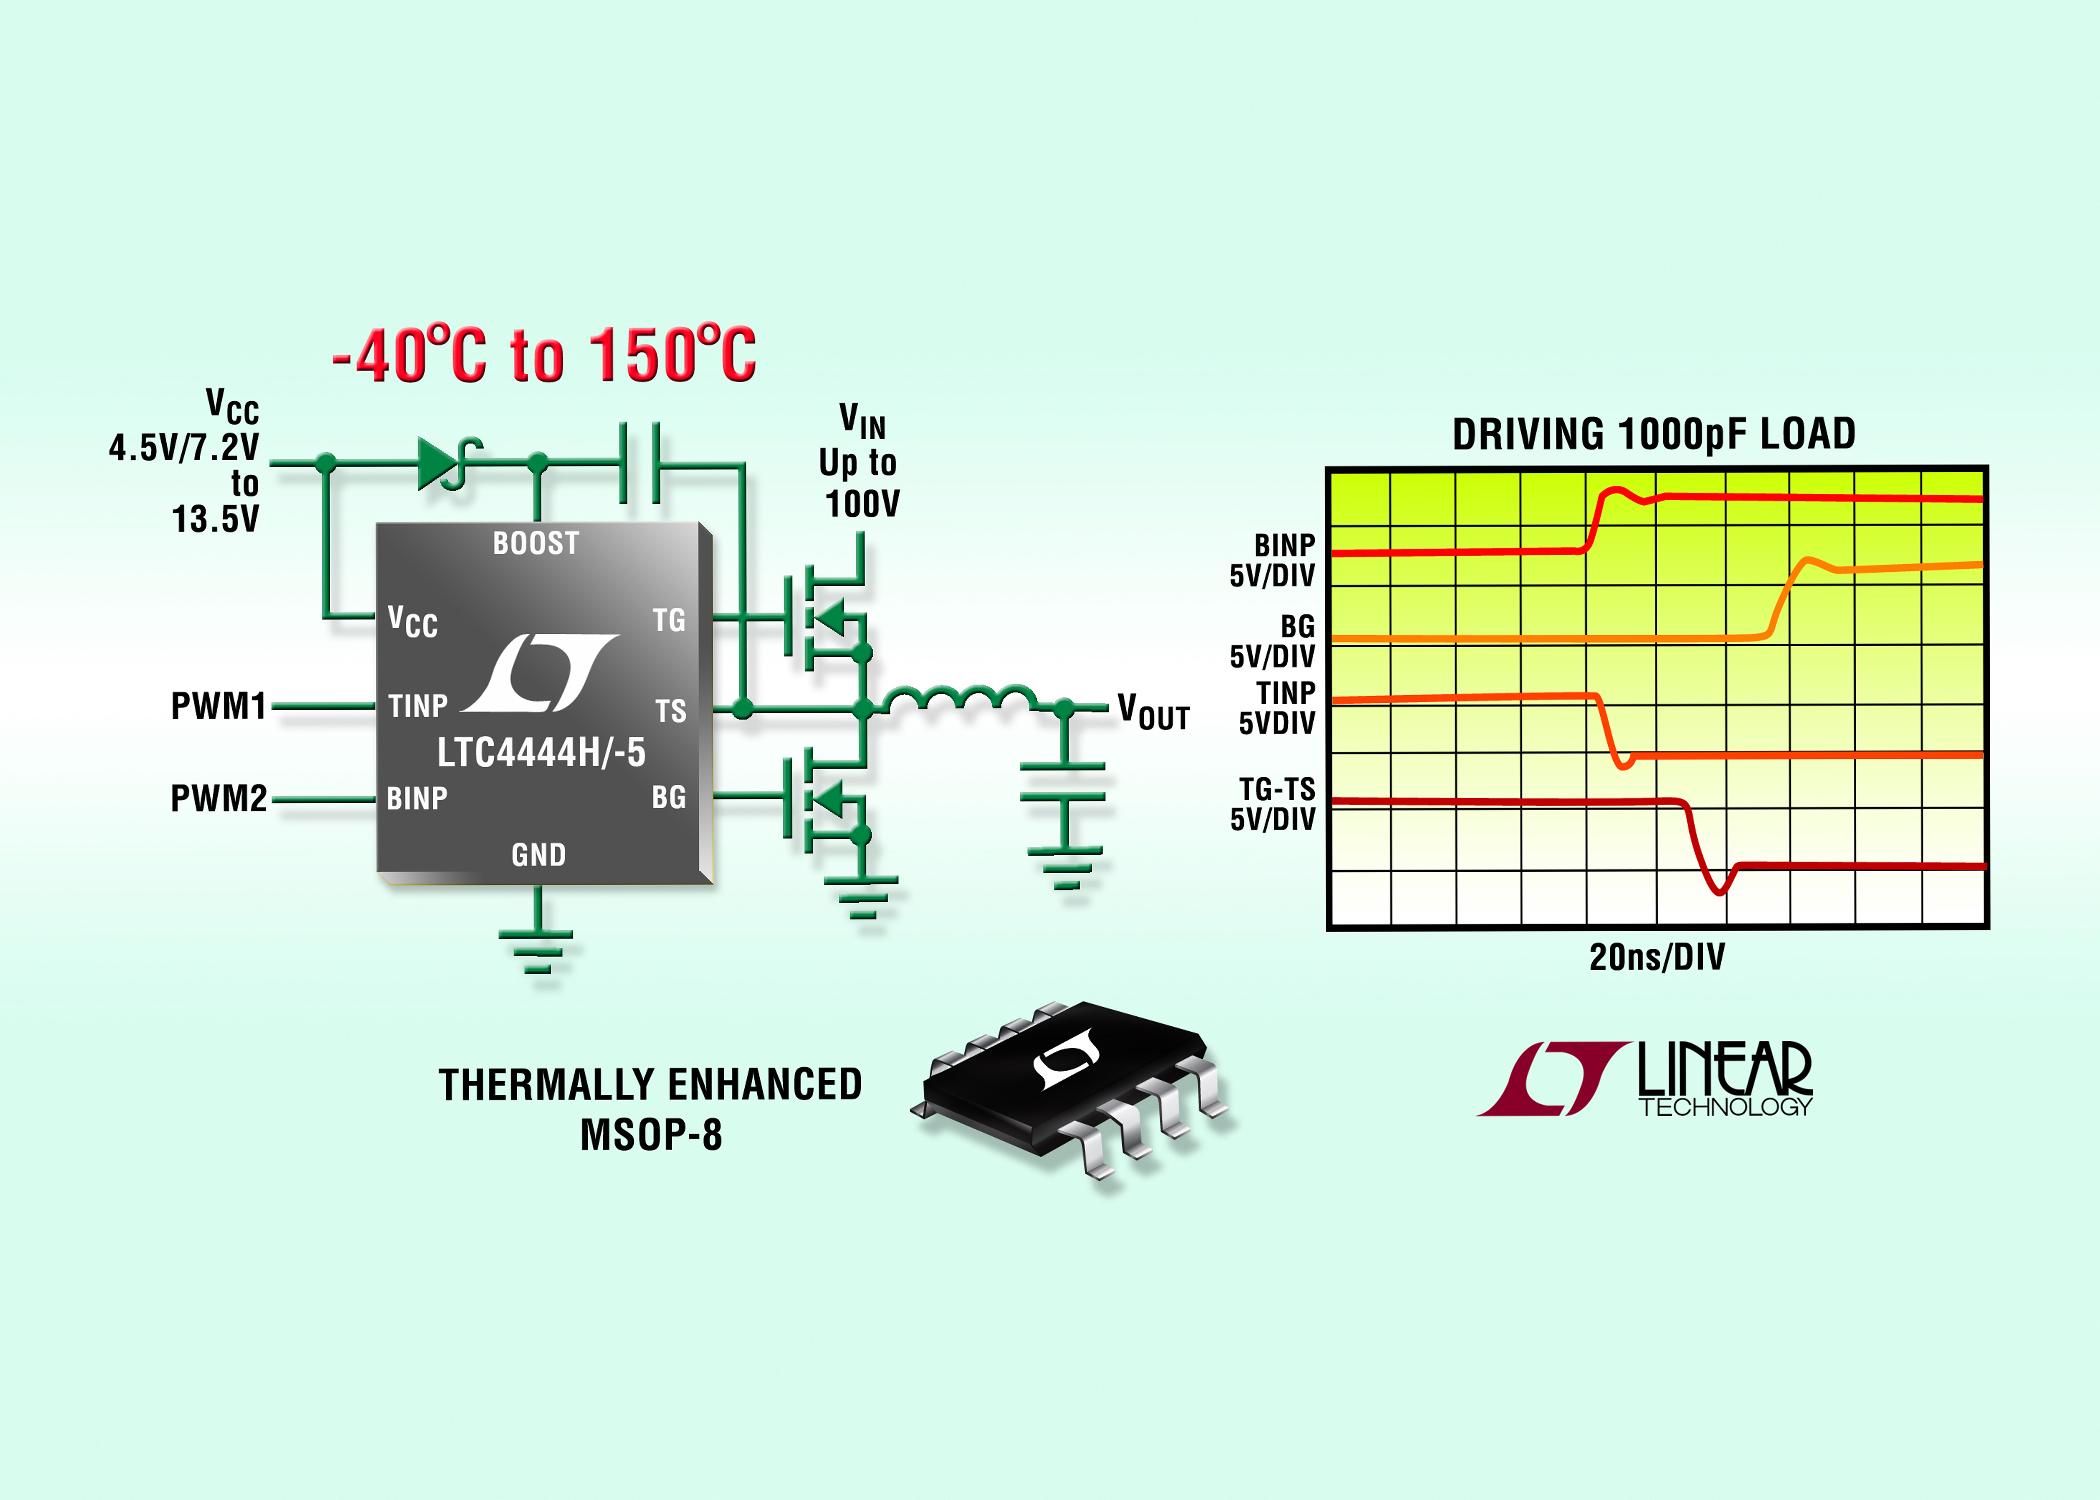 照片说明:用于 DC/DC 转换器的高可靠性 100V 同步 MOSFET 驱动器